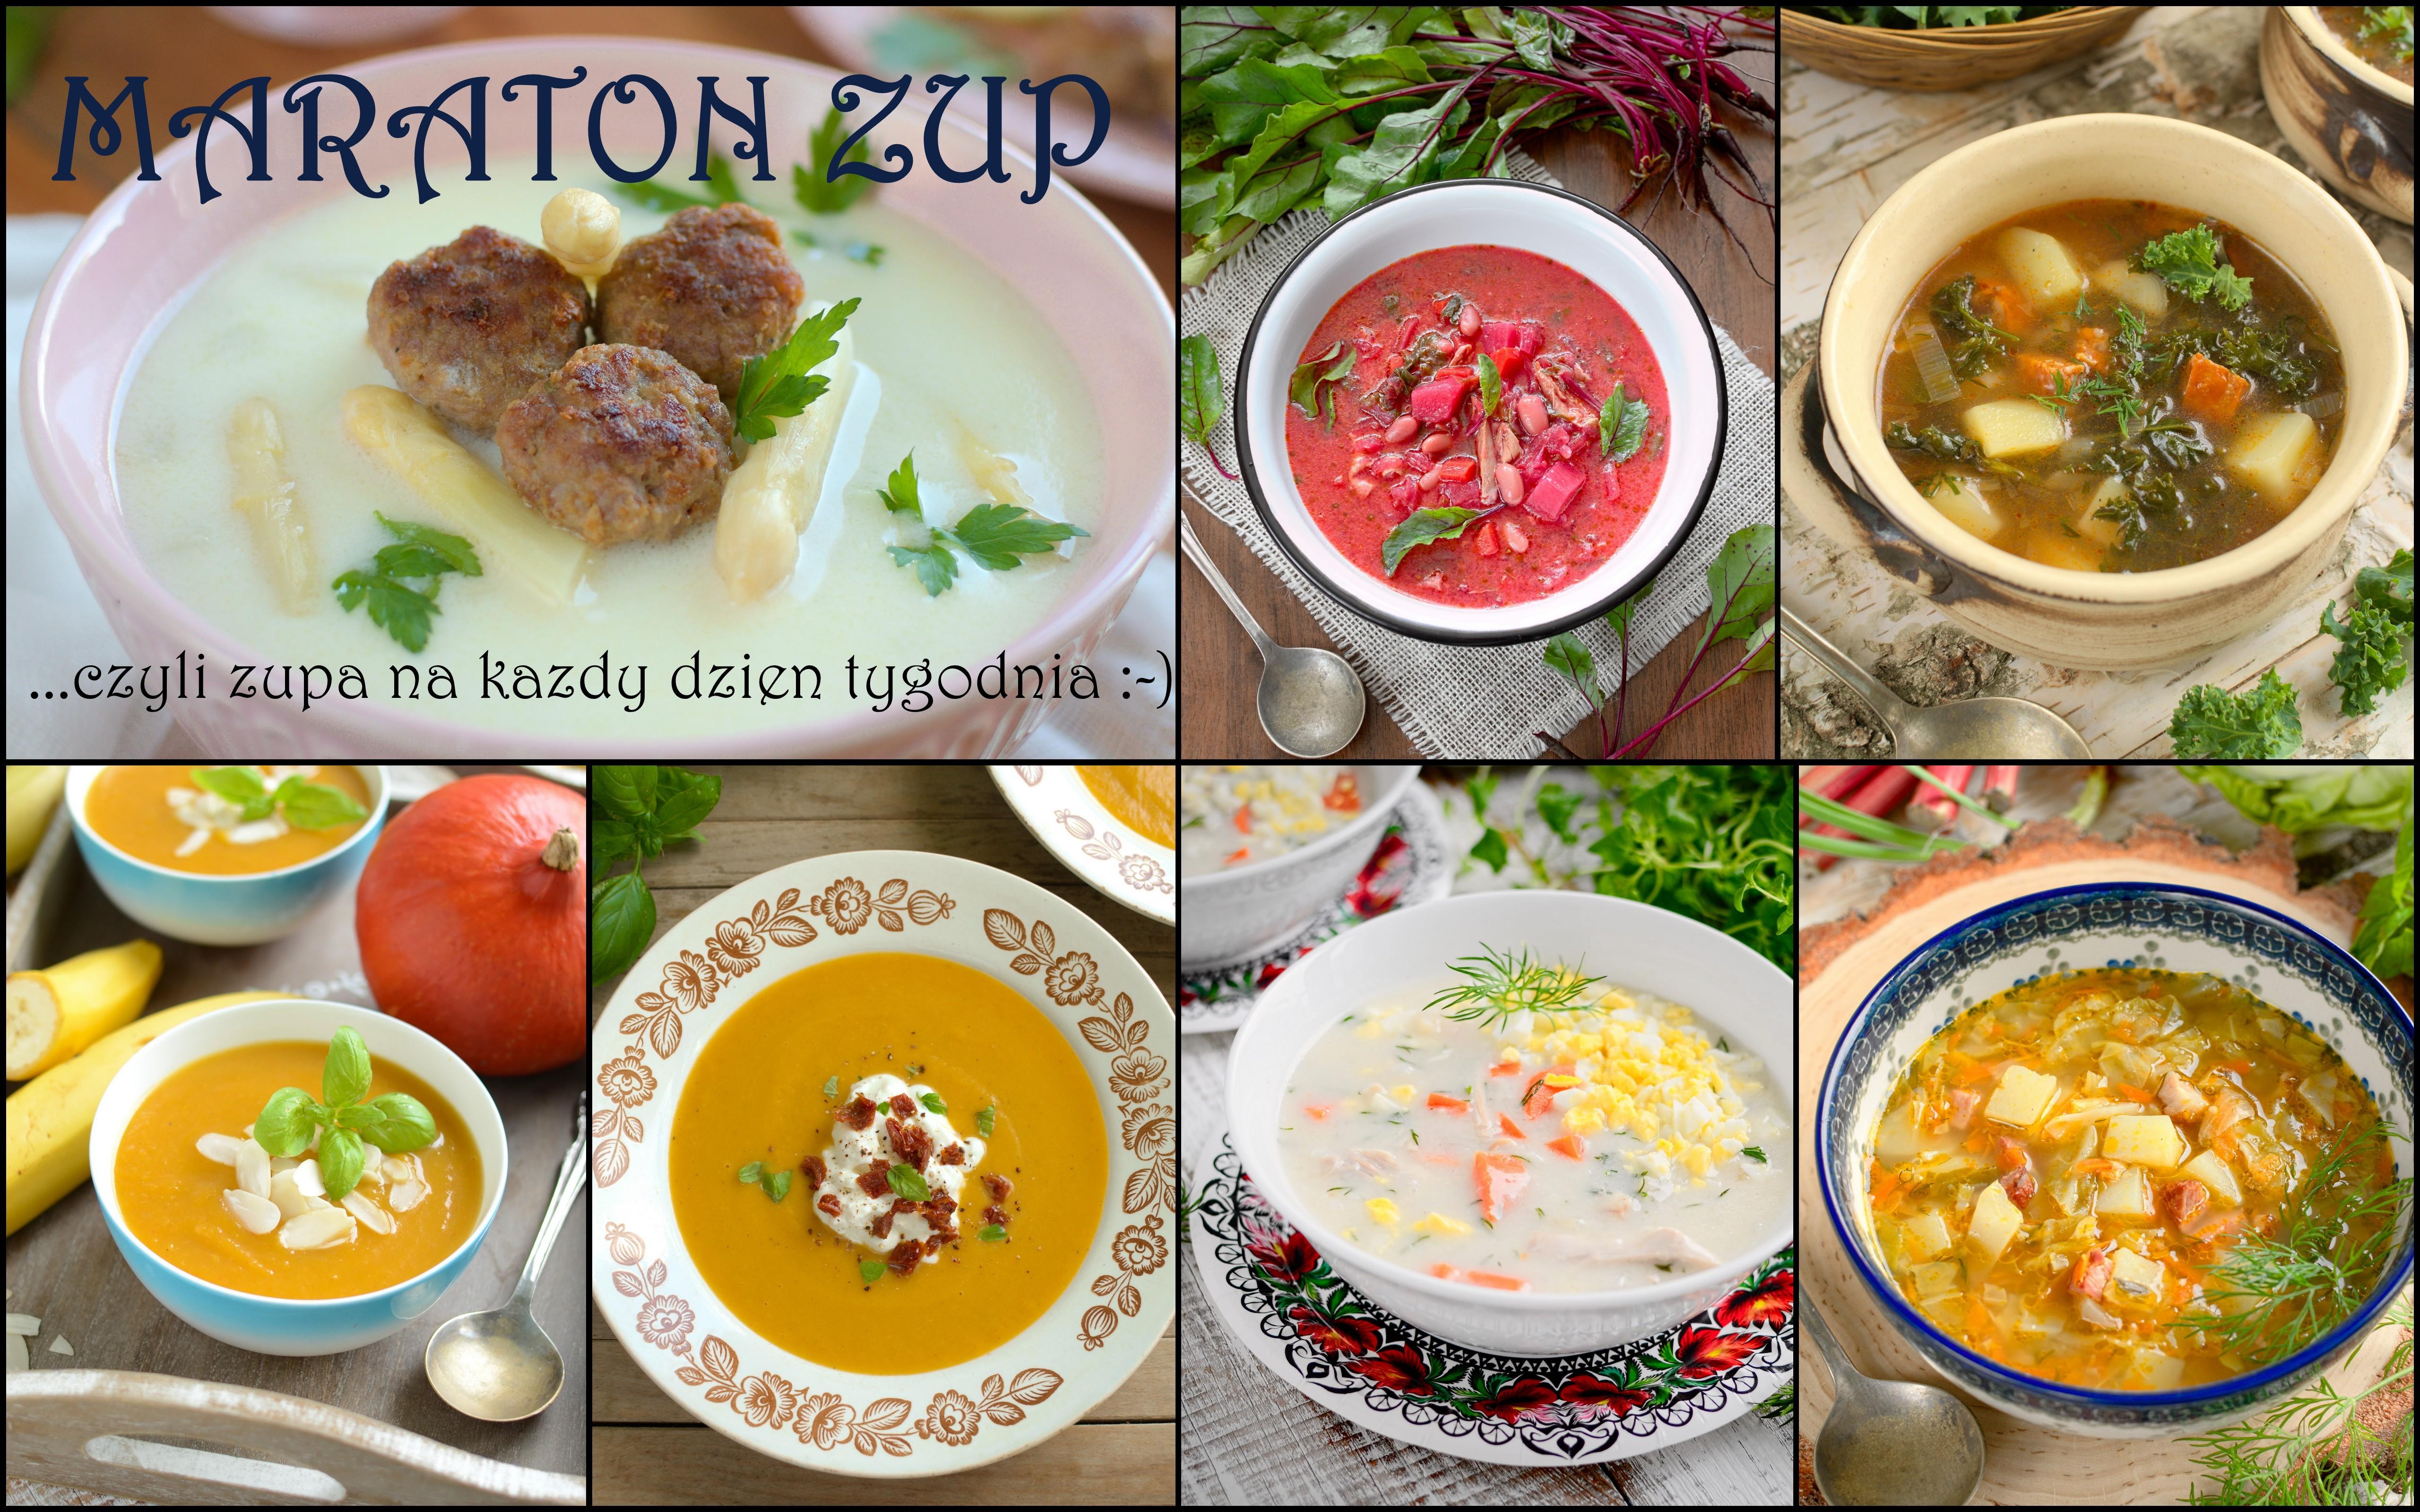 Maraton zupy